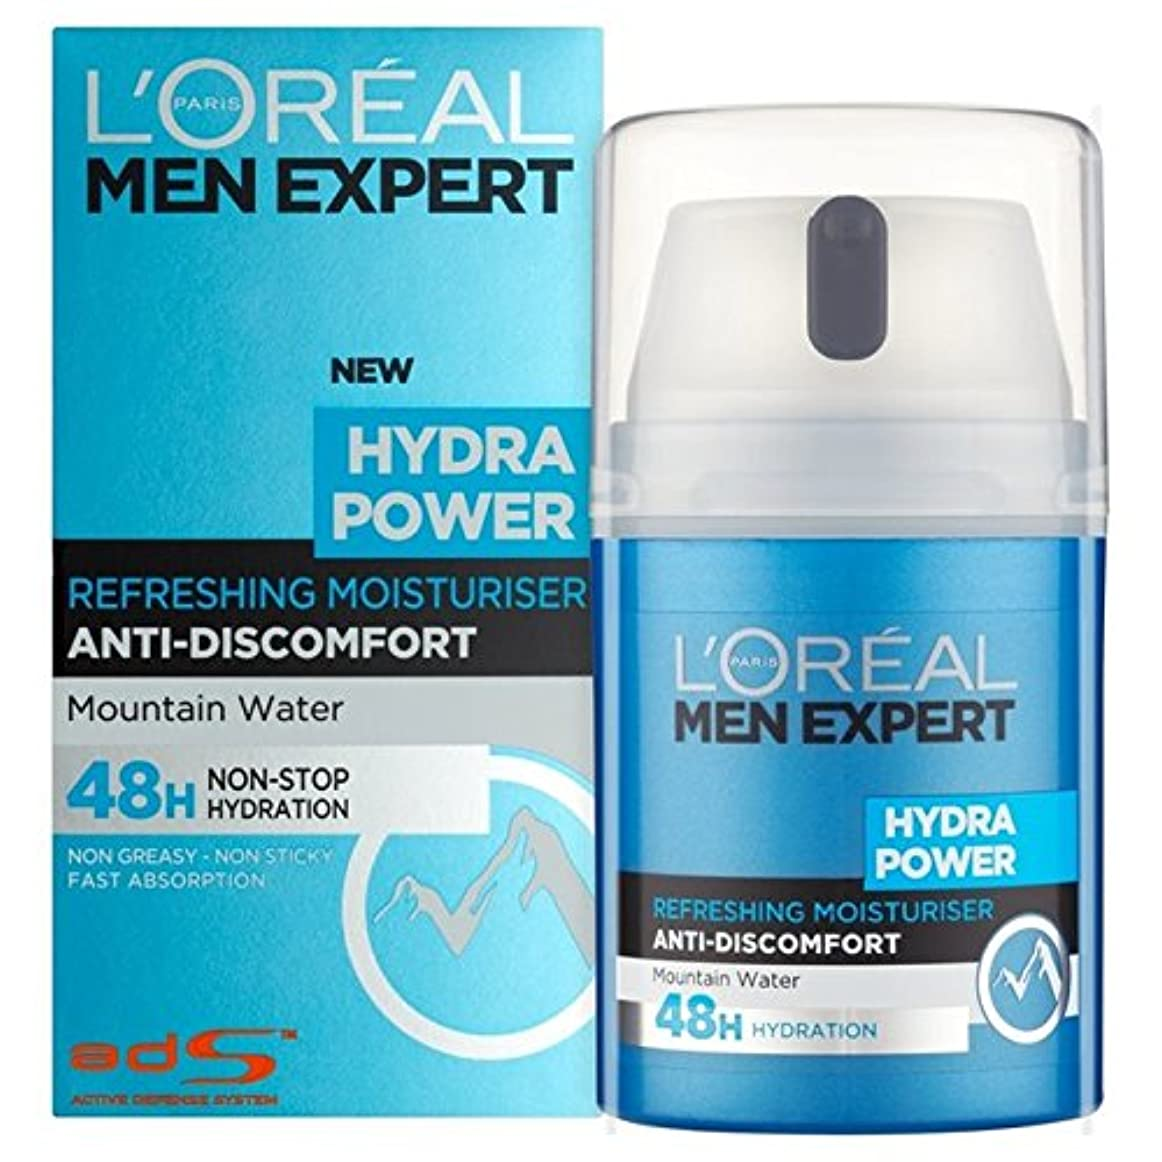 持続する低下森ロレアルパリのメンズ専門ヒドラ電源爽やか保湿50ミリリットル x2 - L'Oreal Paris Men Expert Hydra Power Refreshing Moisturiser 50ml (Pack of...